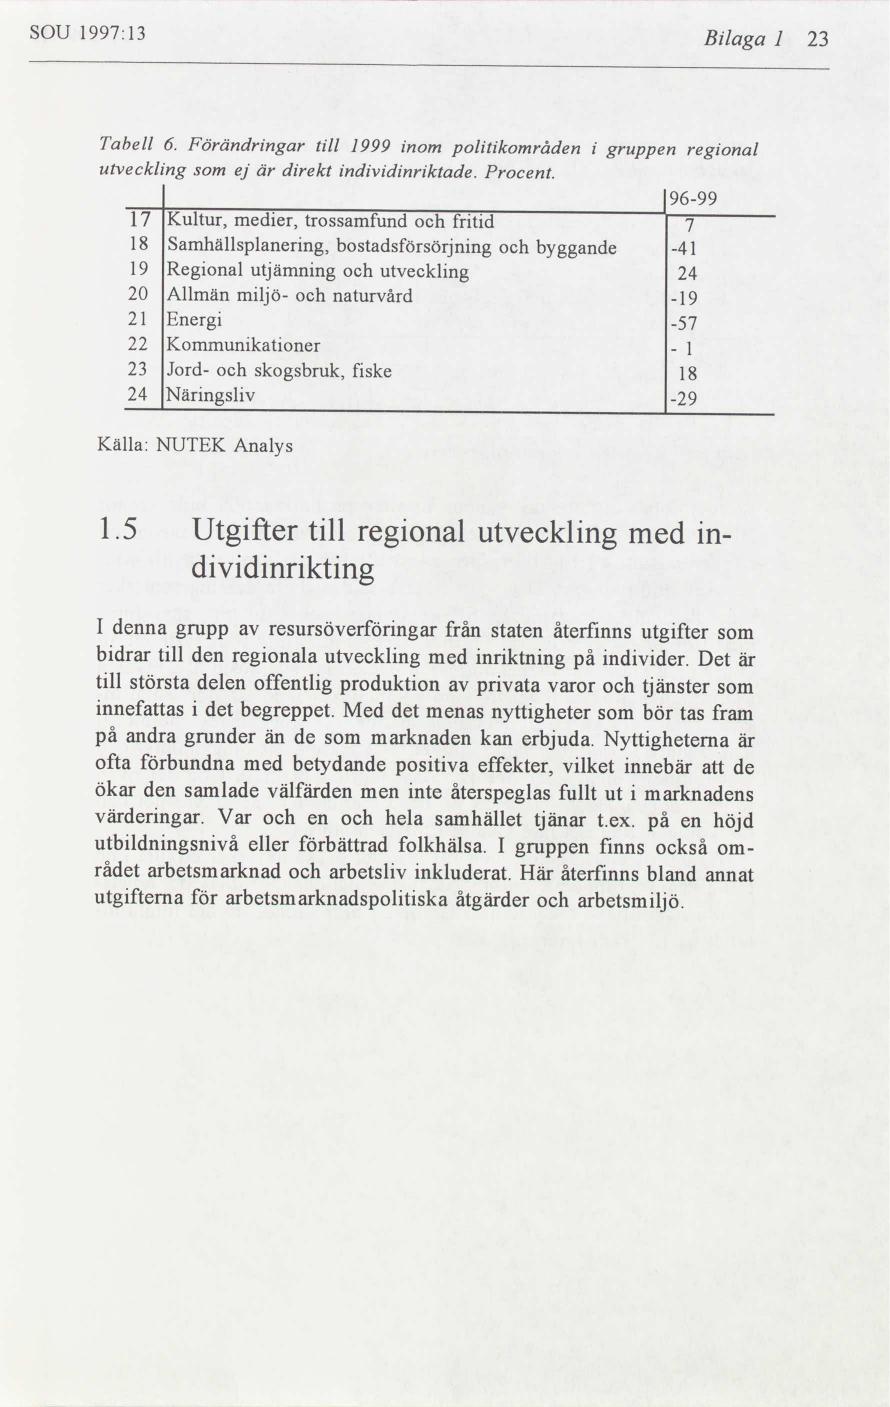 24 timmar ekonominyheter i korthet 1997 09 09